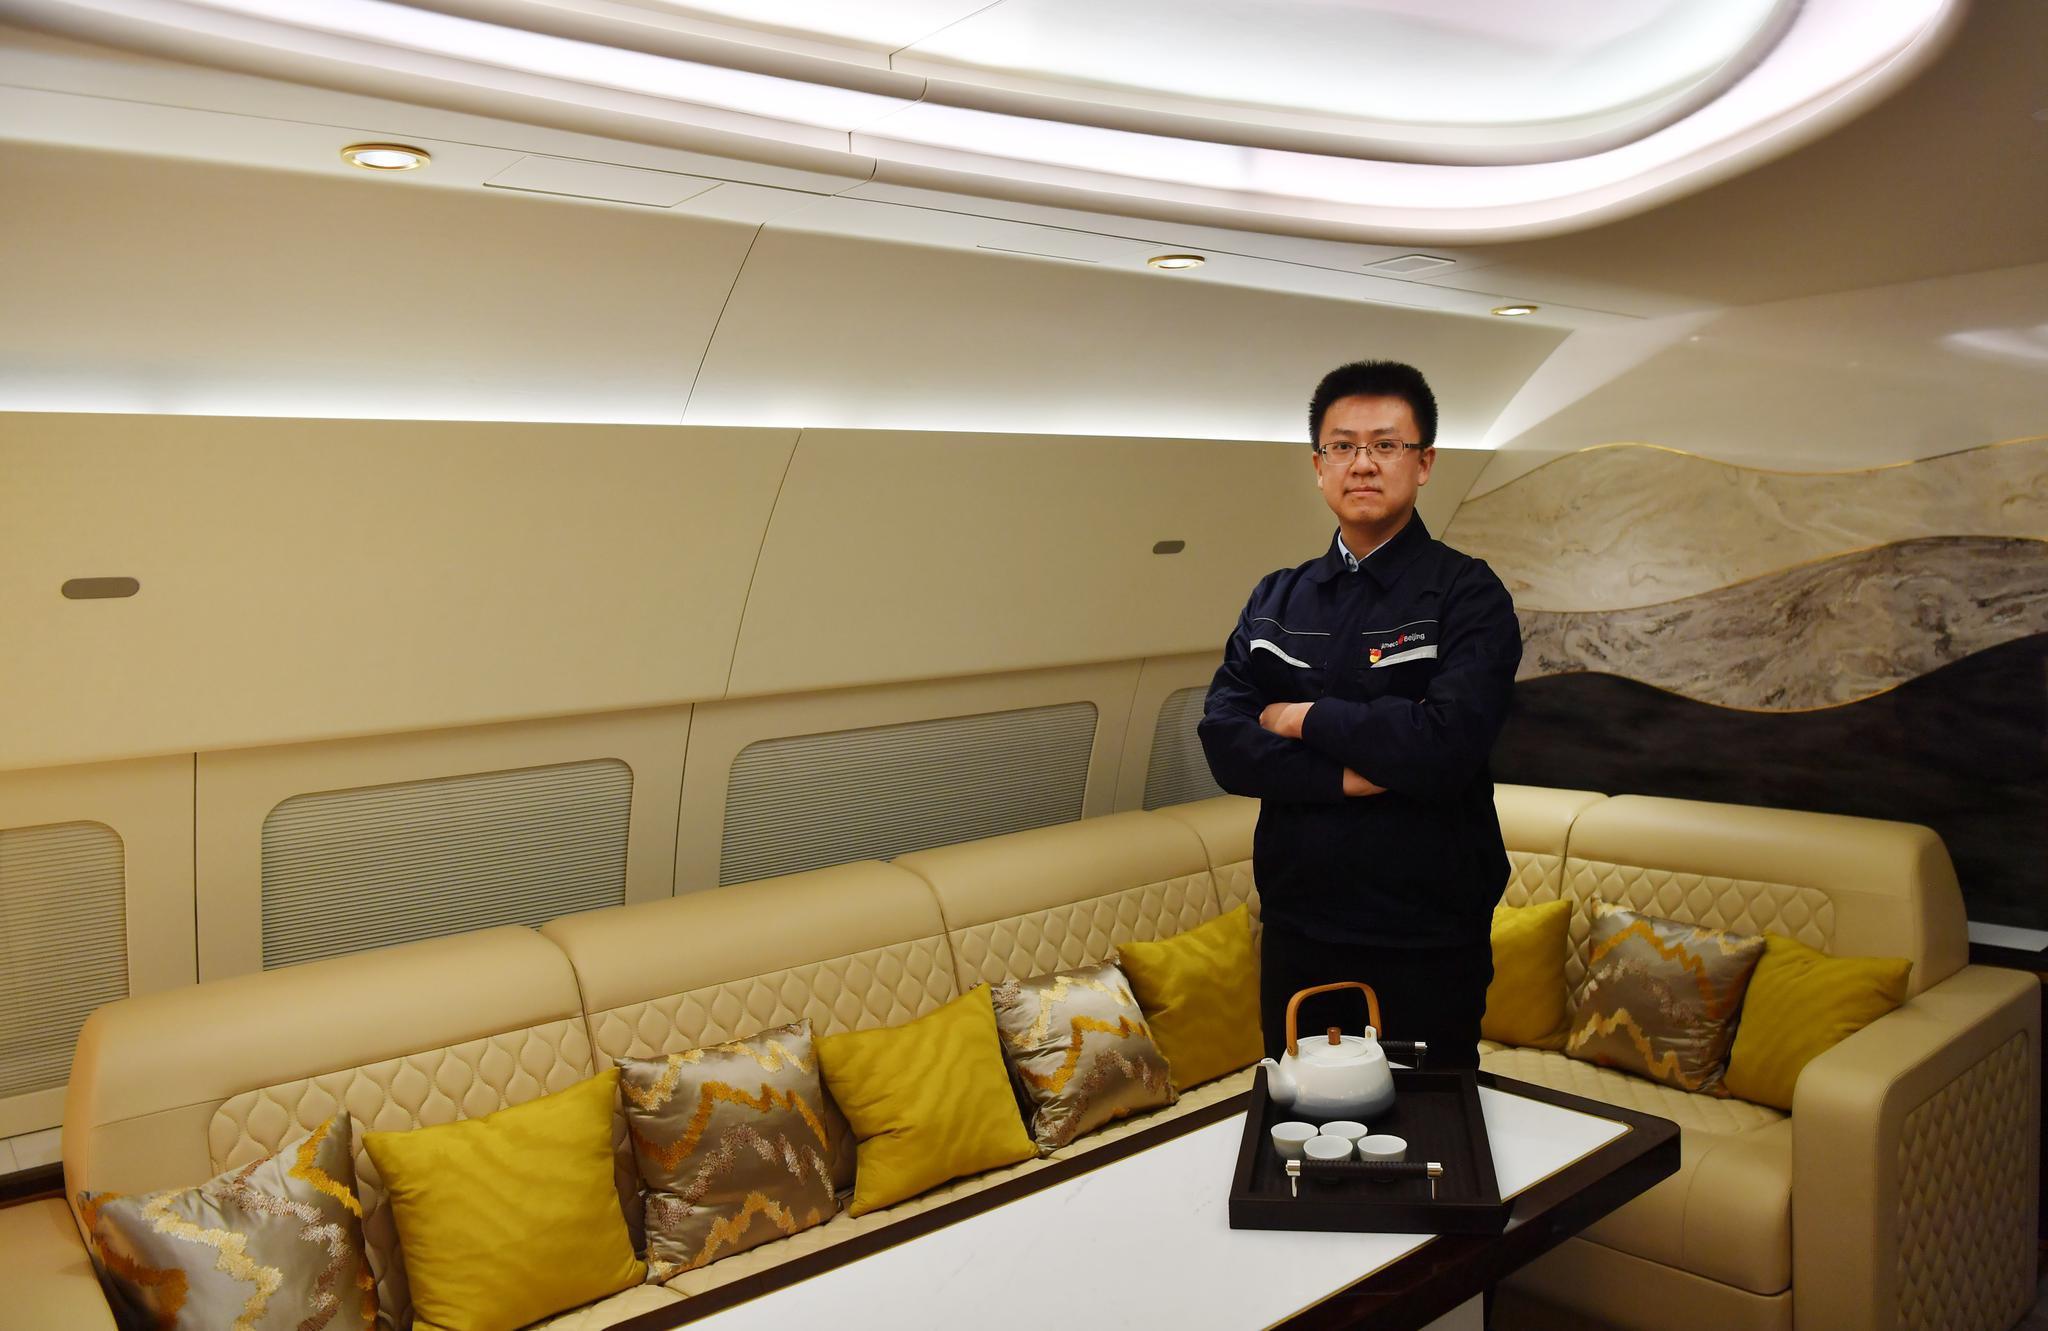 杏悦平台,舱改装技术赢得杏悦平台国际图片